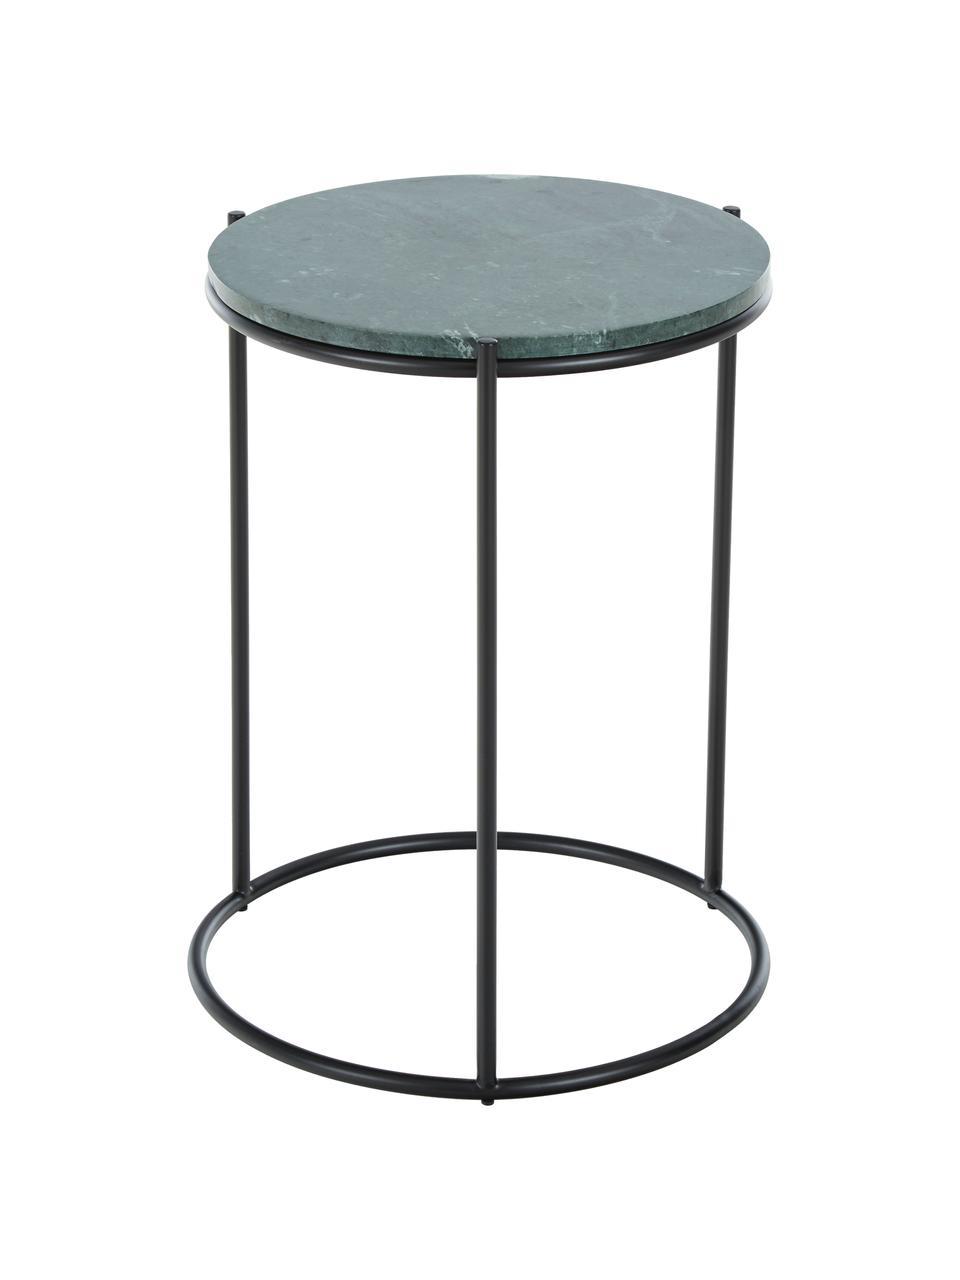 Tavolino rotondo con piano in marmo Ella, Struttura: metallo verniciato a polv, Piano d'appoggio: marmo verde Struttura: nero opaco, Ø 40 x Alt. 50 cm